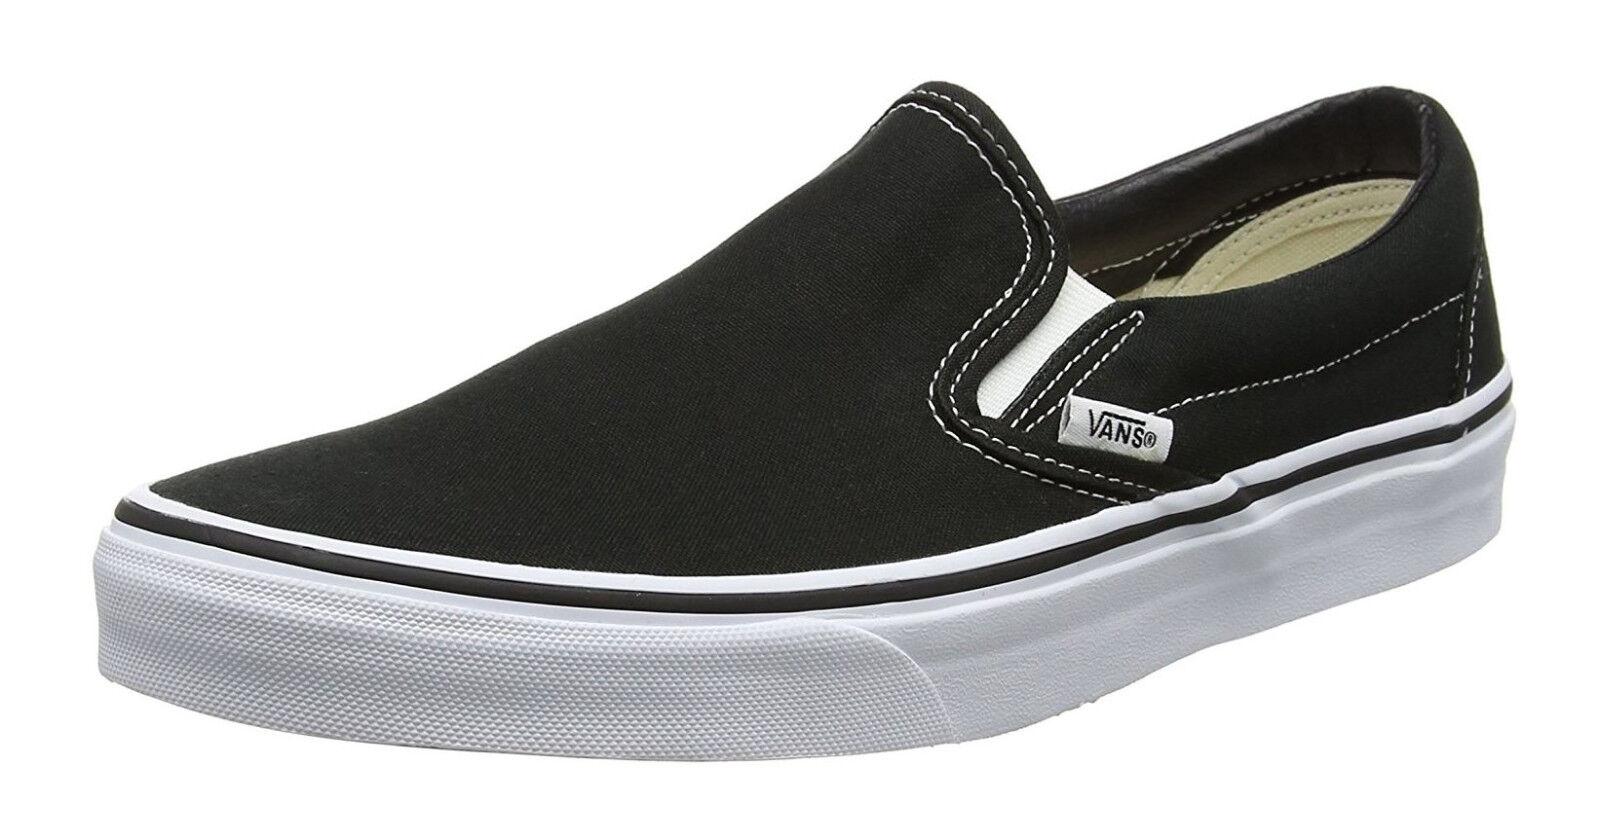 Tenis Vans clásicas resbalón en Negro Blanco para Hombre Zapatos Zapatillas Tenis Zapatos Hombre 105ee8